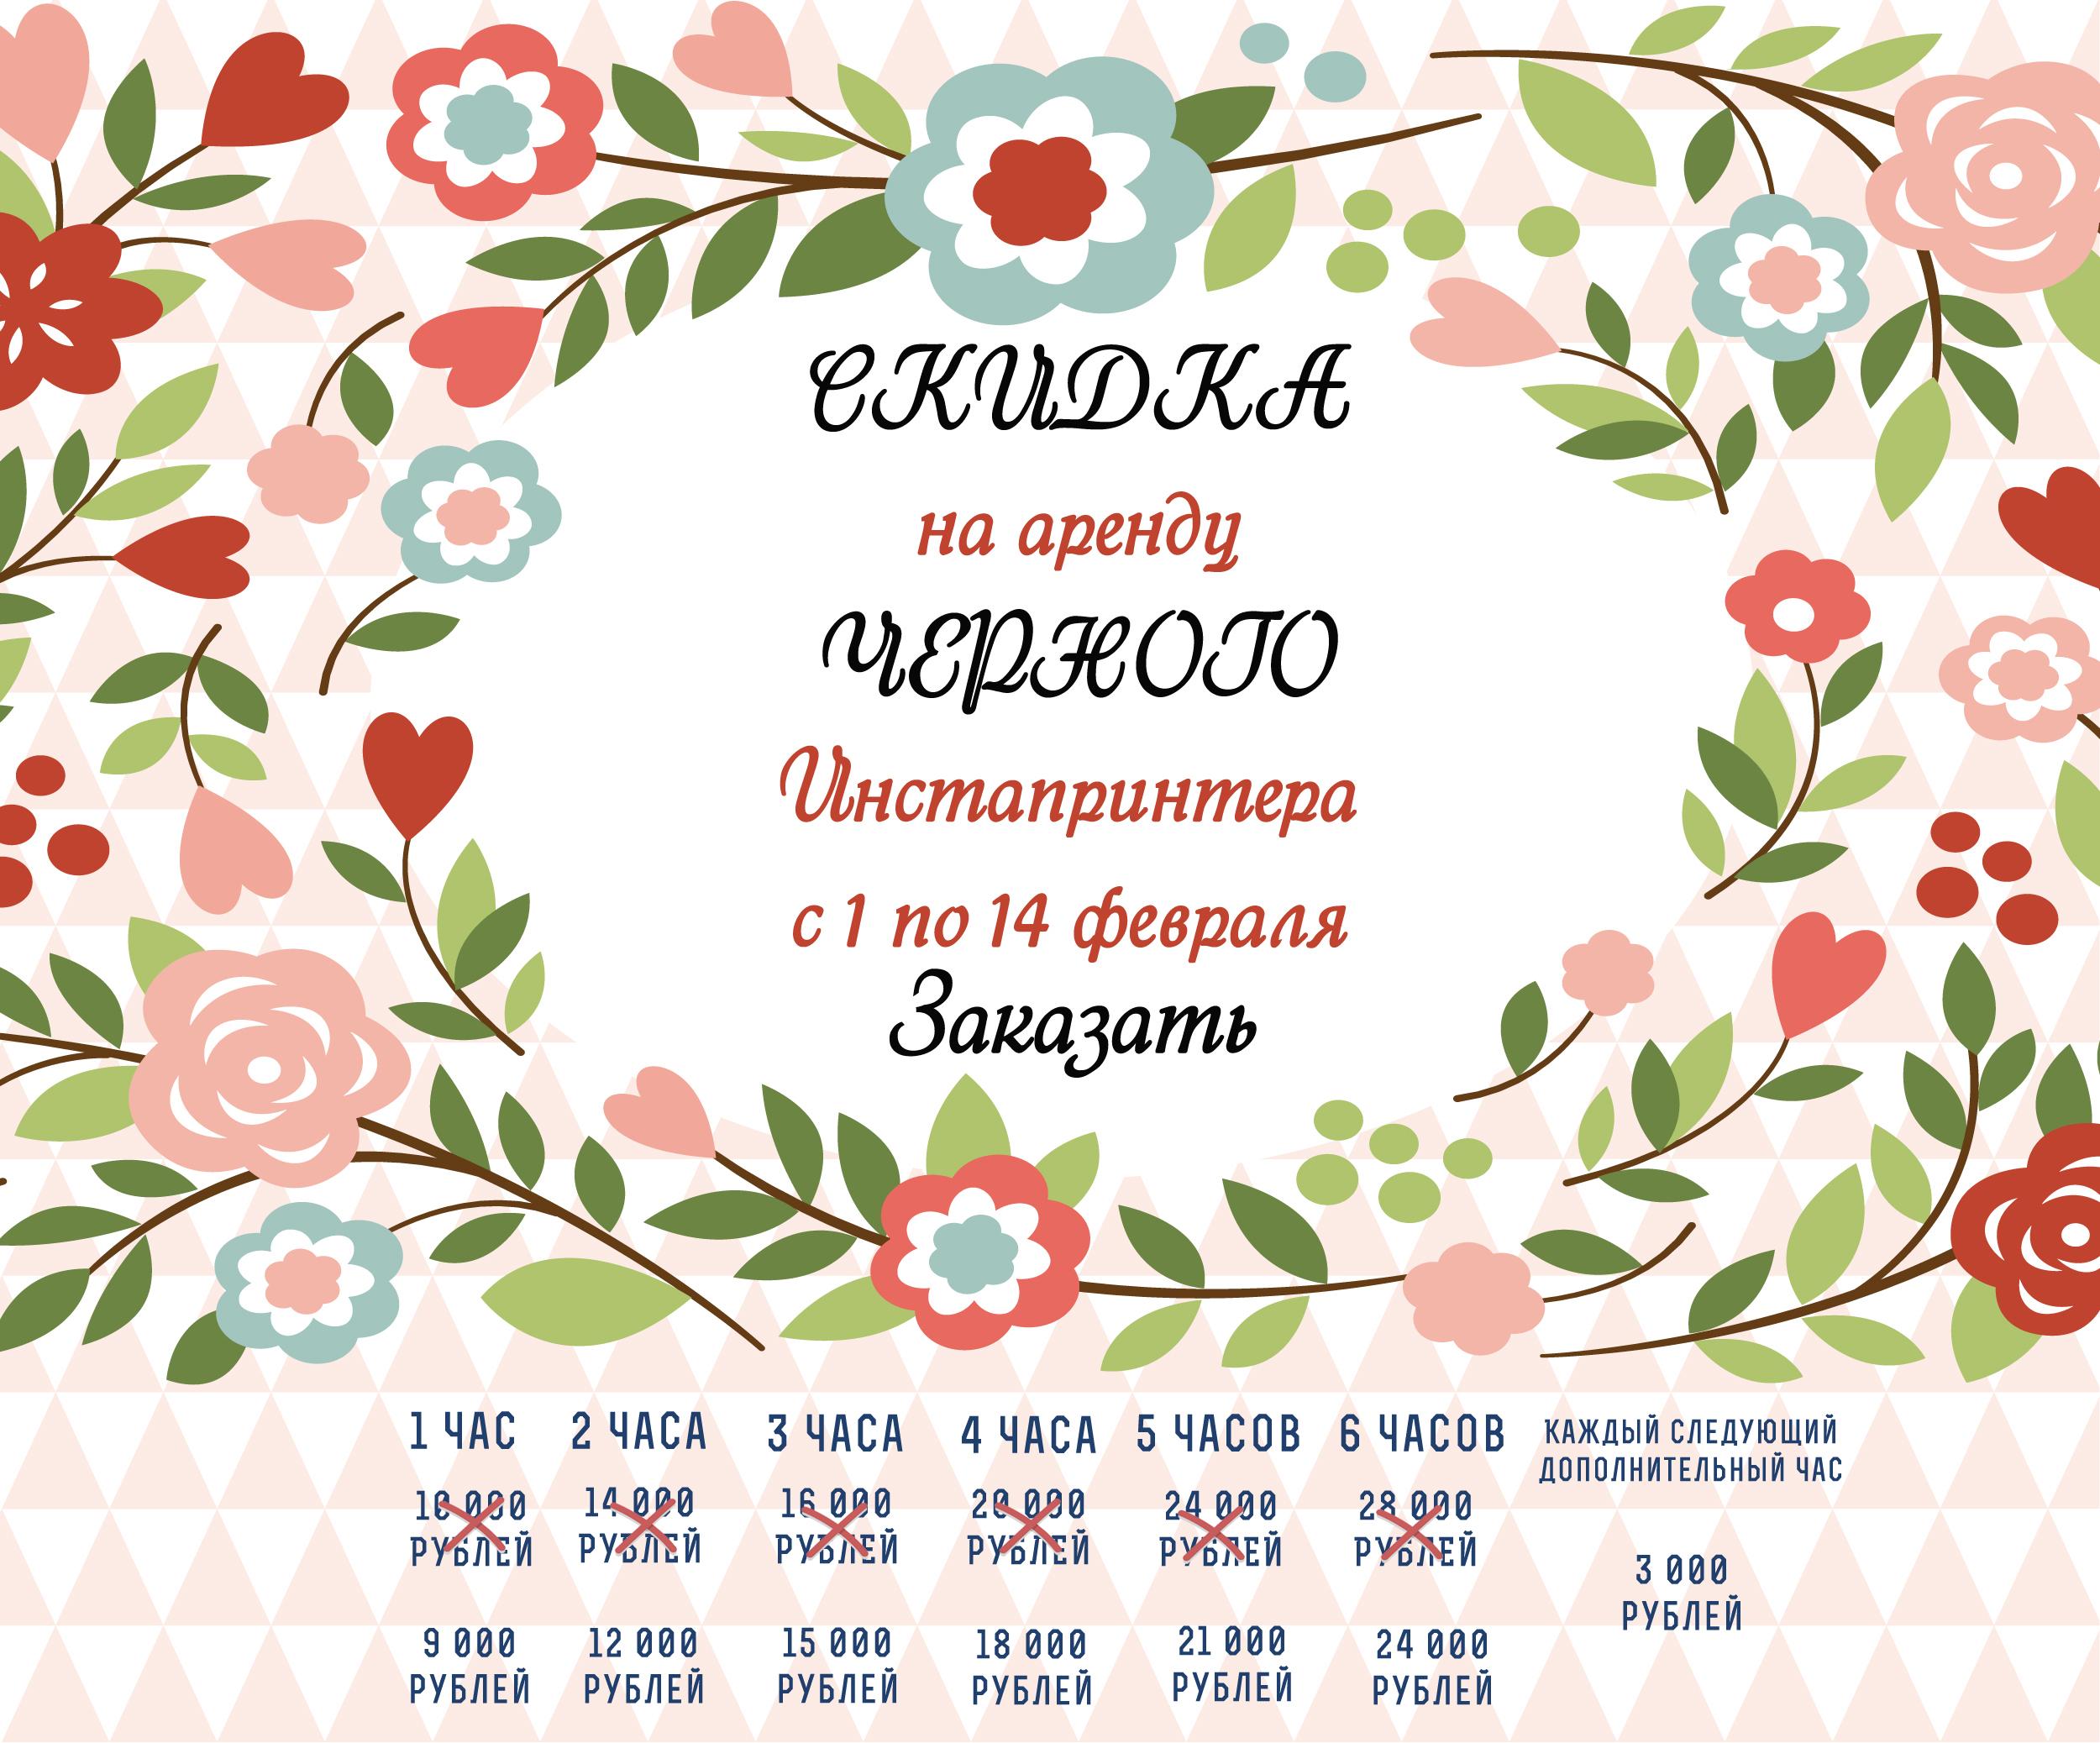 Инстапринтер, день святого валентина